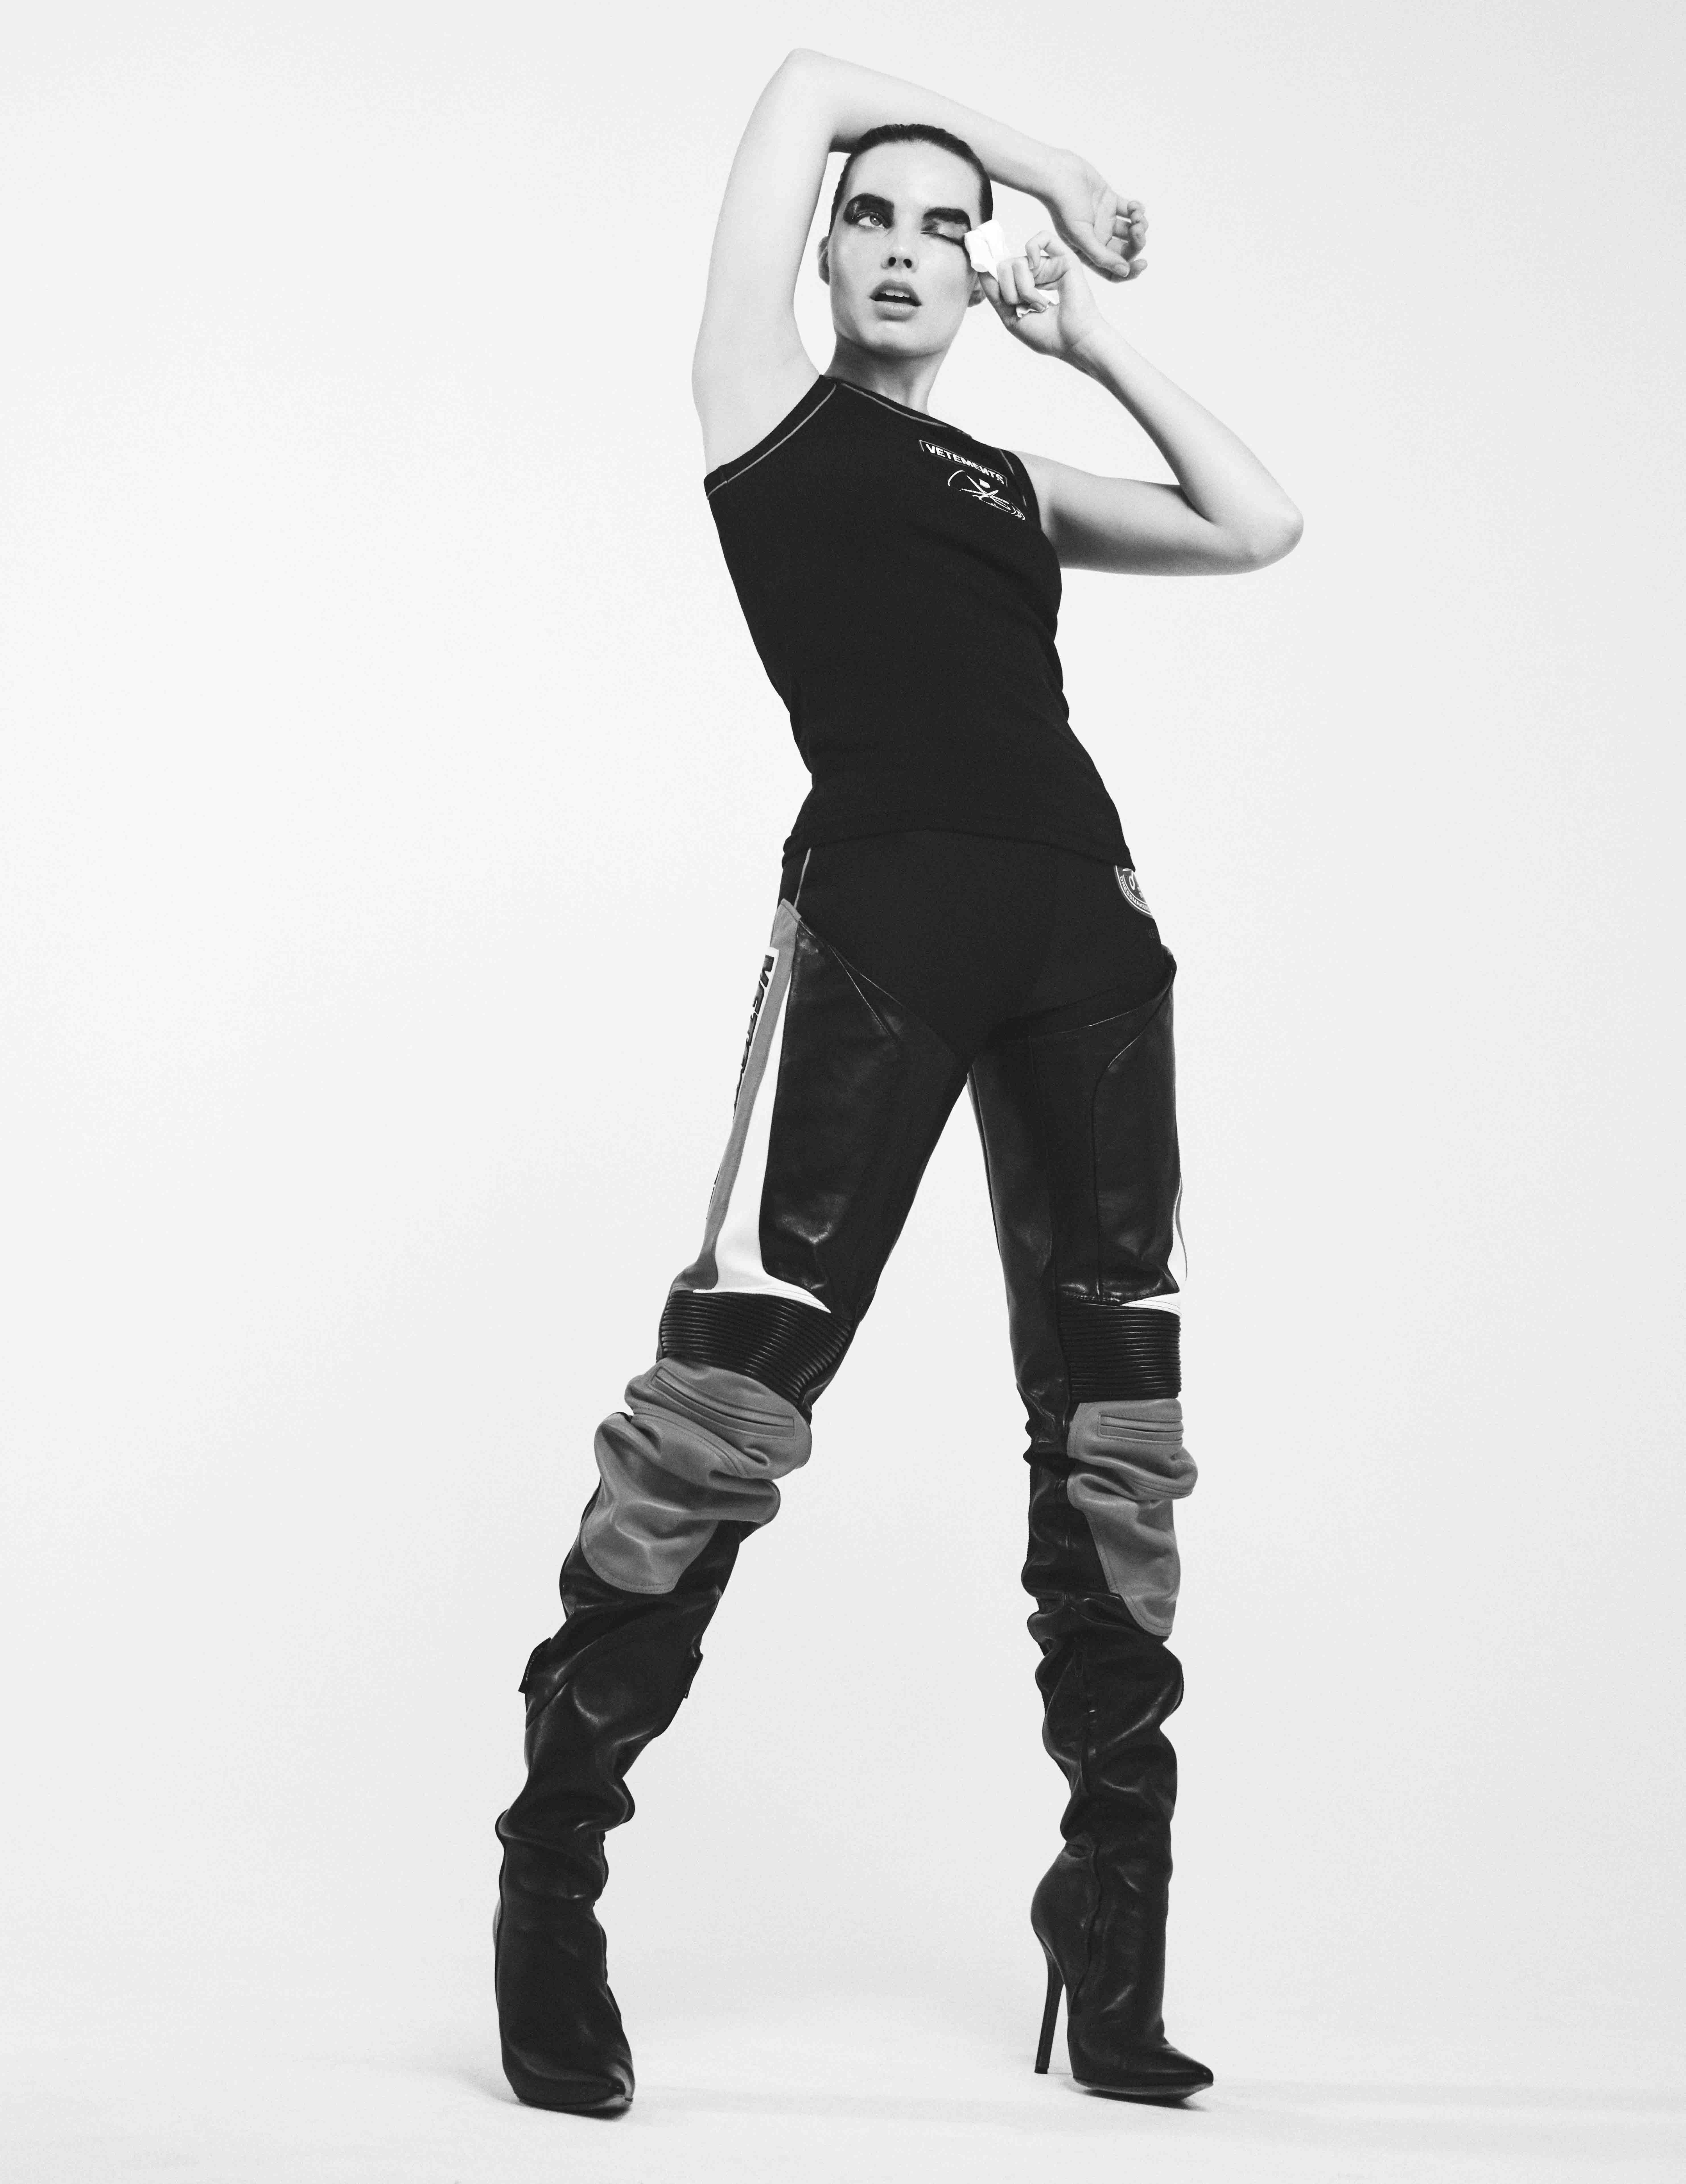 Margot Robbie fait un bonnet de natation look bien - Photo 4